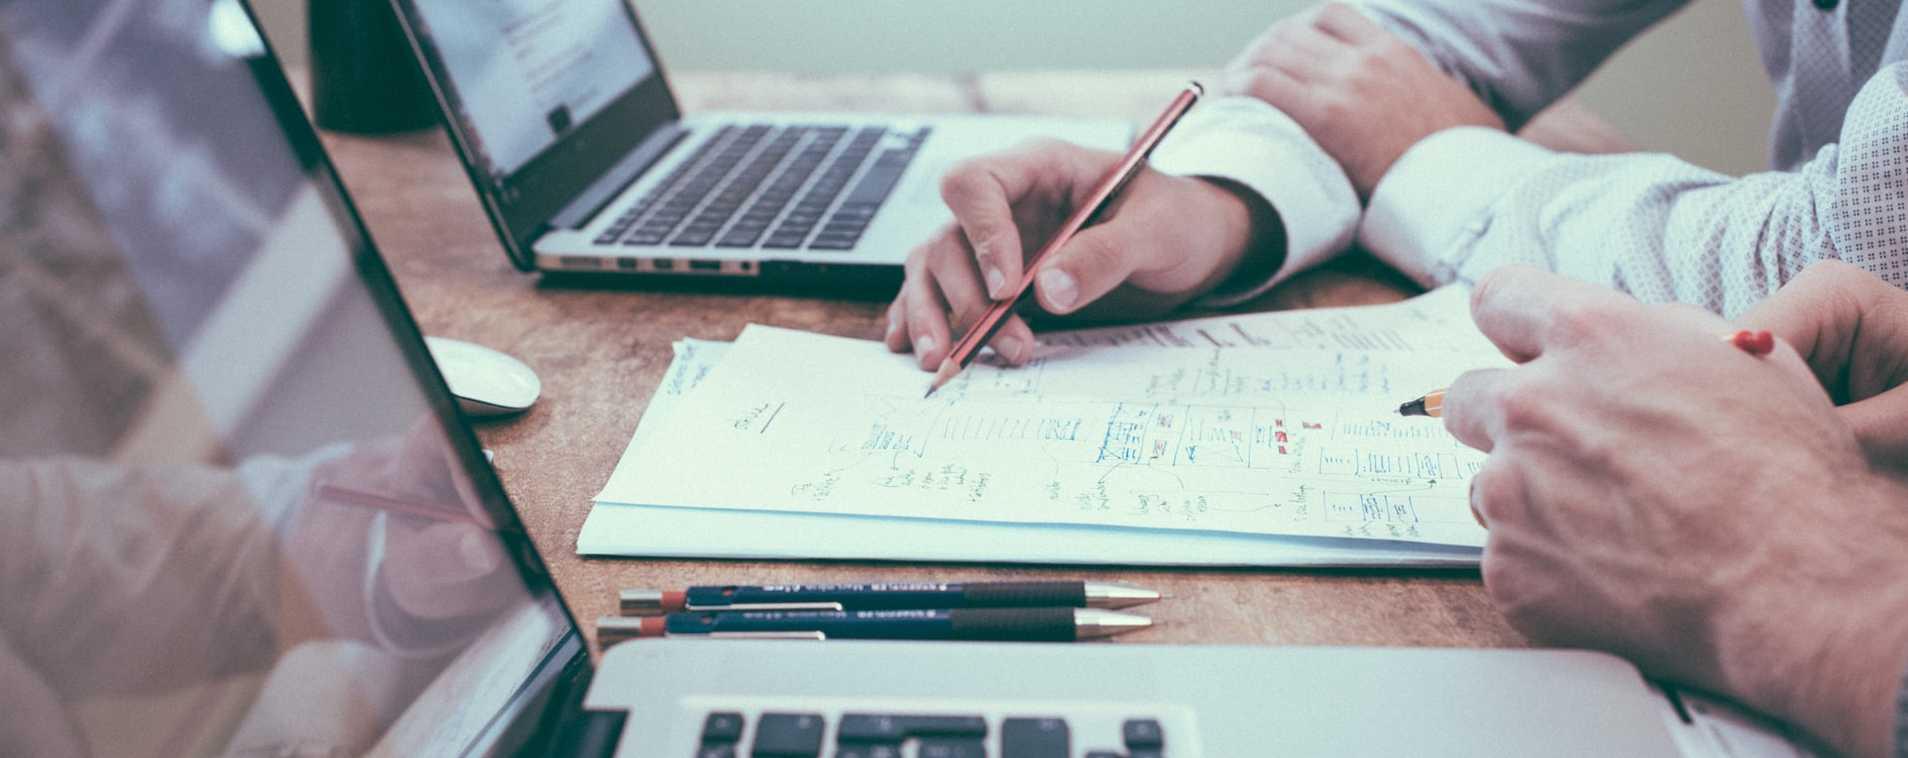 zwei aufgeklappte Laptops, dazwischen handschriftliche Notizen, die von zwei Personen bearbeitet werden